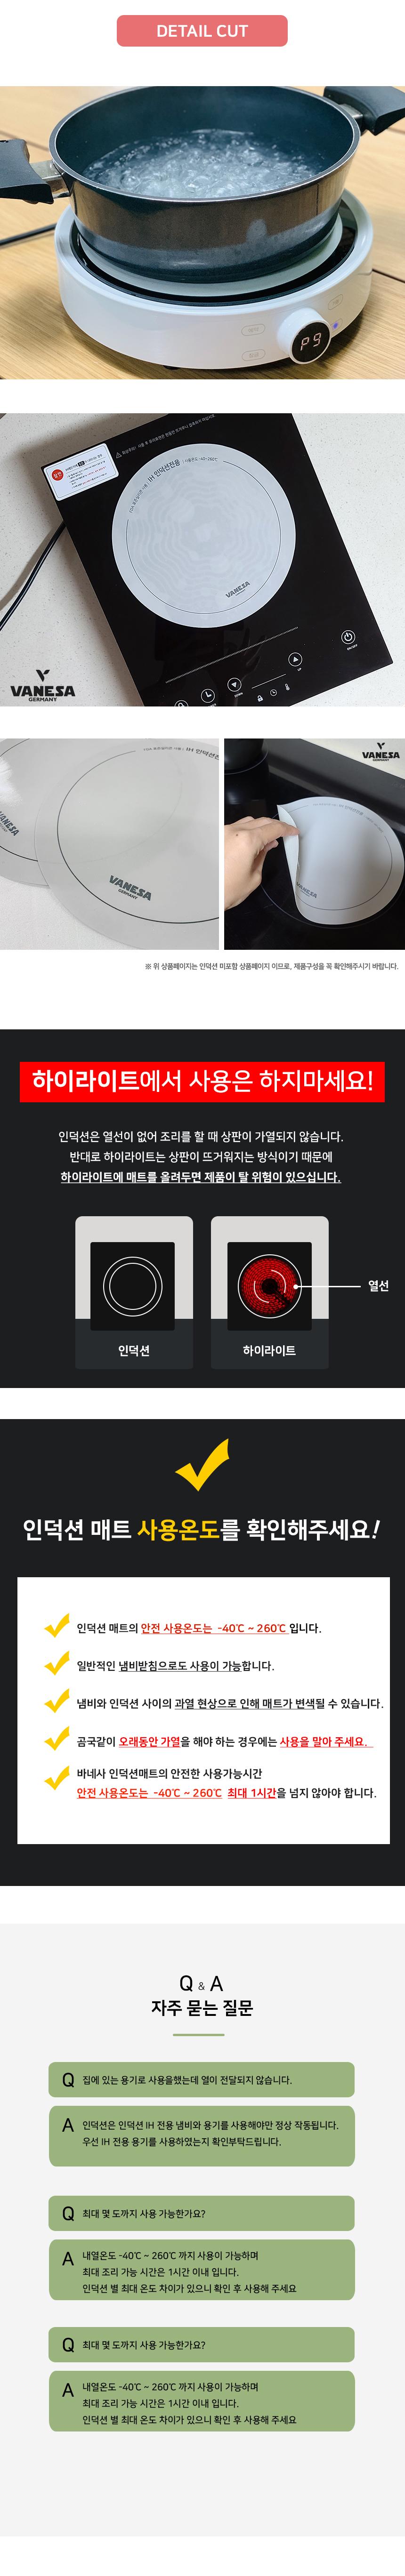 바네사 인덕션 양면보호매트1P - 나이스데이, 13,800원, 주방소품, 주방 소모품